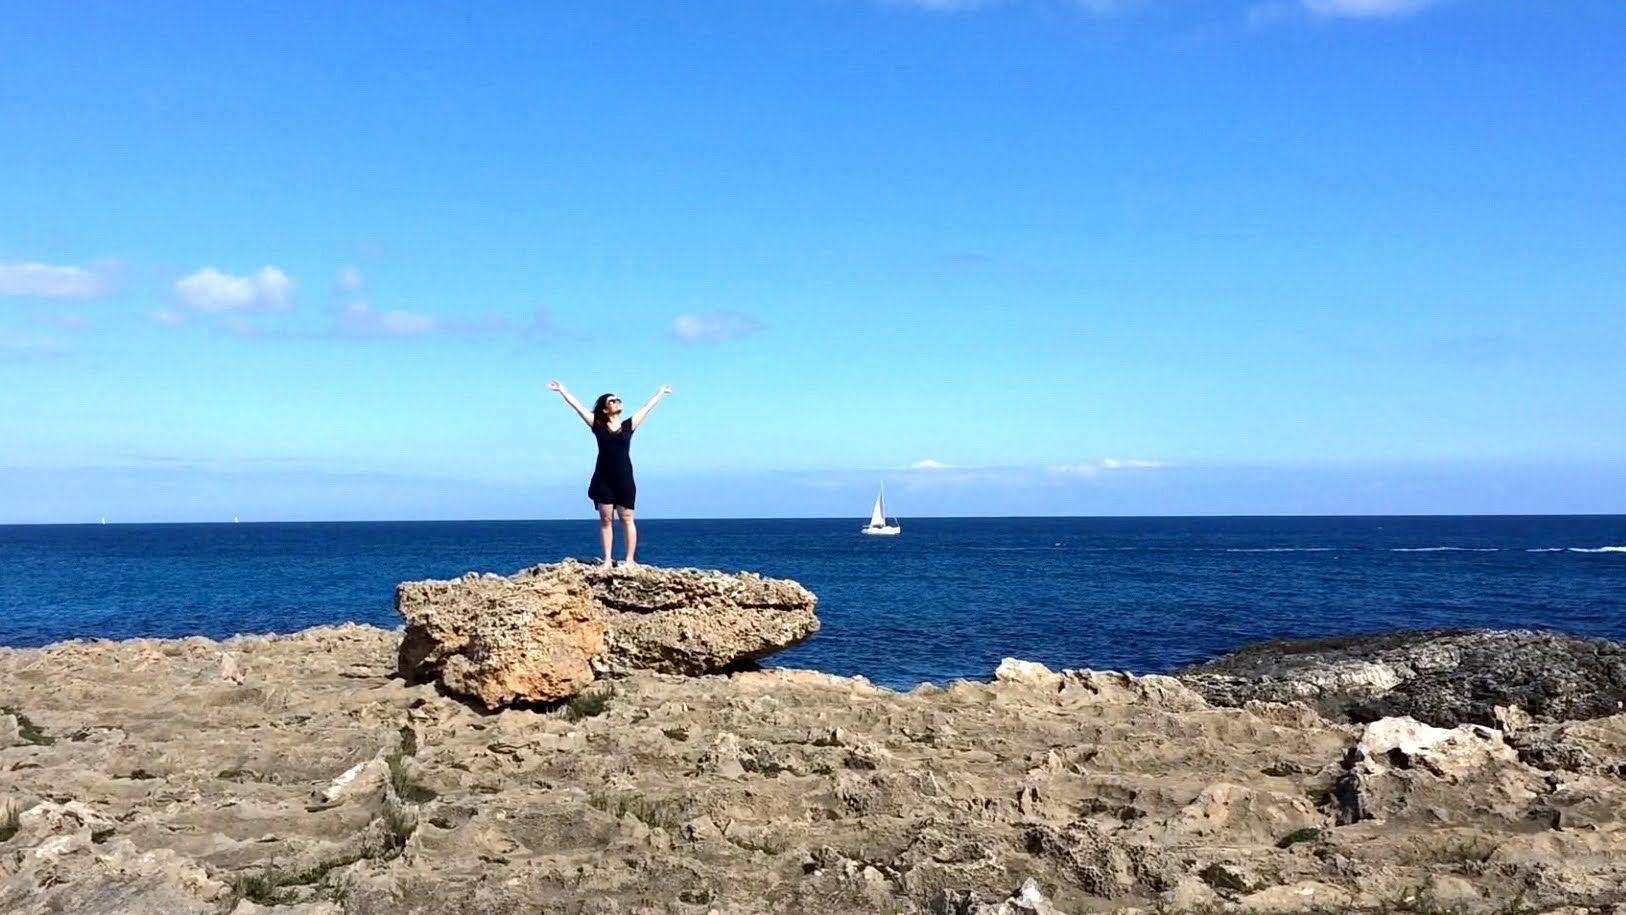 """2 Wochen Mallorca in 6 Minuten und 17 Sekunden - Urlaubsvideo von """"Fee ist mein Name"""" inklusive interaktiver Karte // Blogpost dazu: http://www.feeistmeinname.de/2015/11/2-wochen-mallorca-in-6-minuten-und-17.html"""